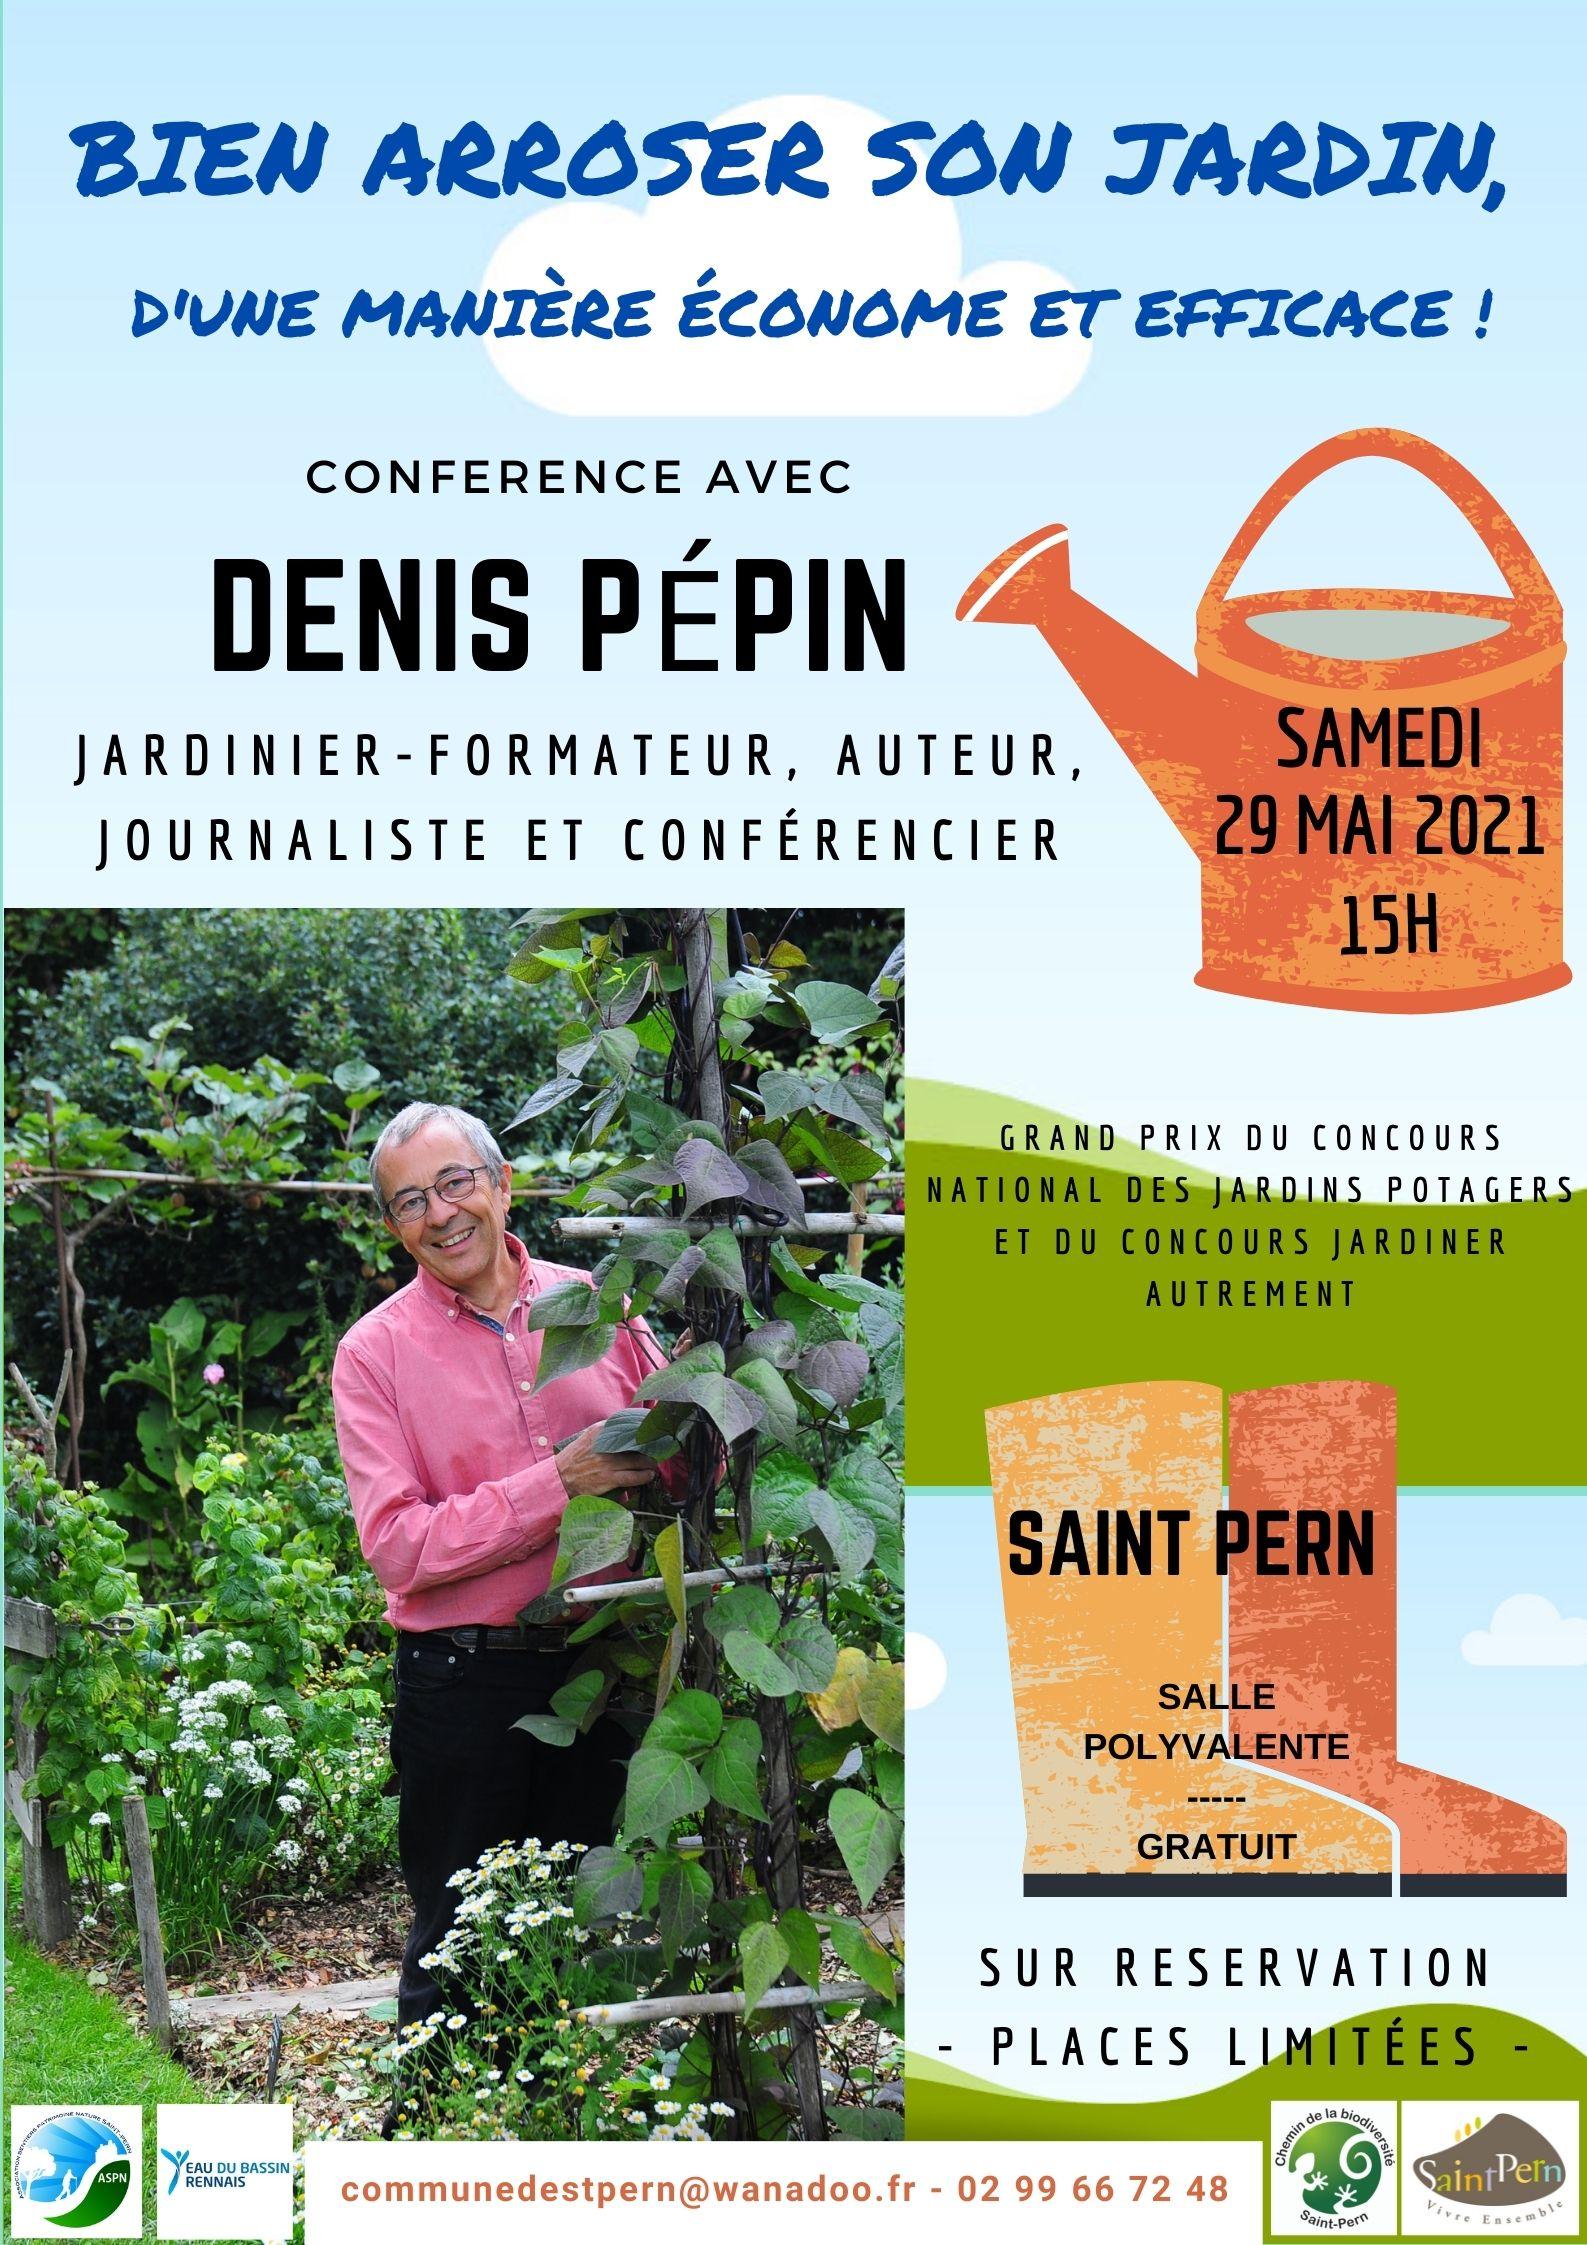 Conférence «Bien arroser son jardin, d'une manière économe et efficace»